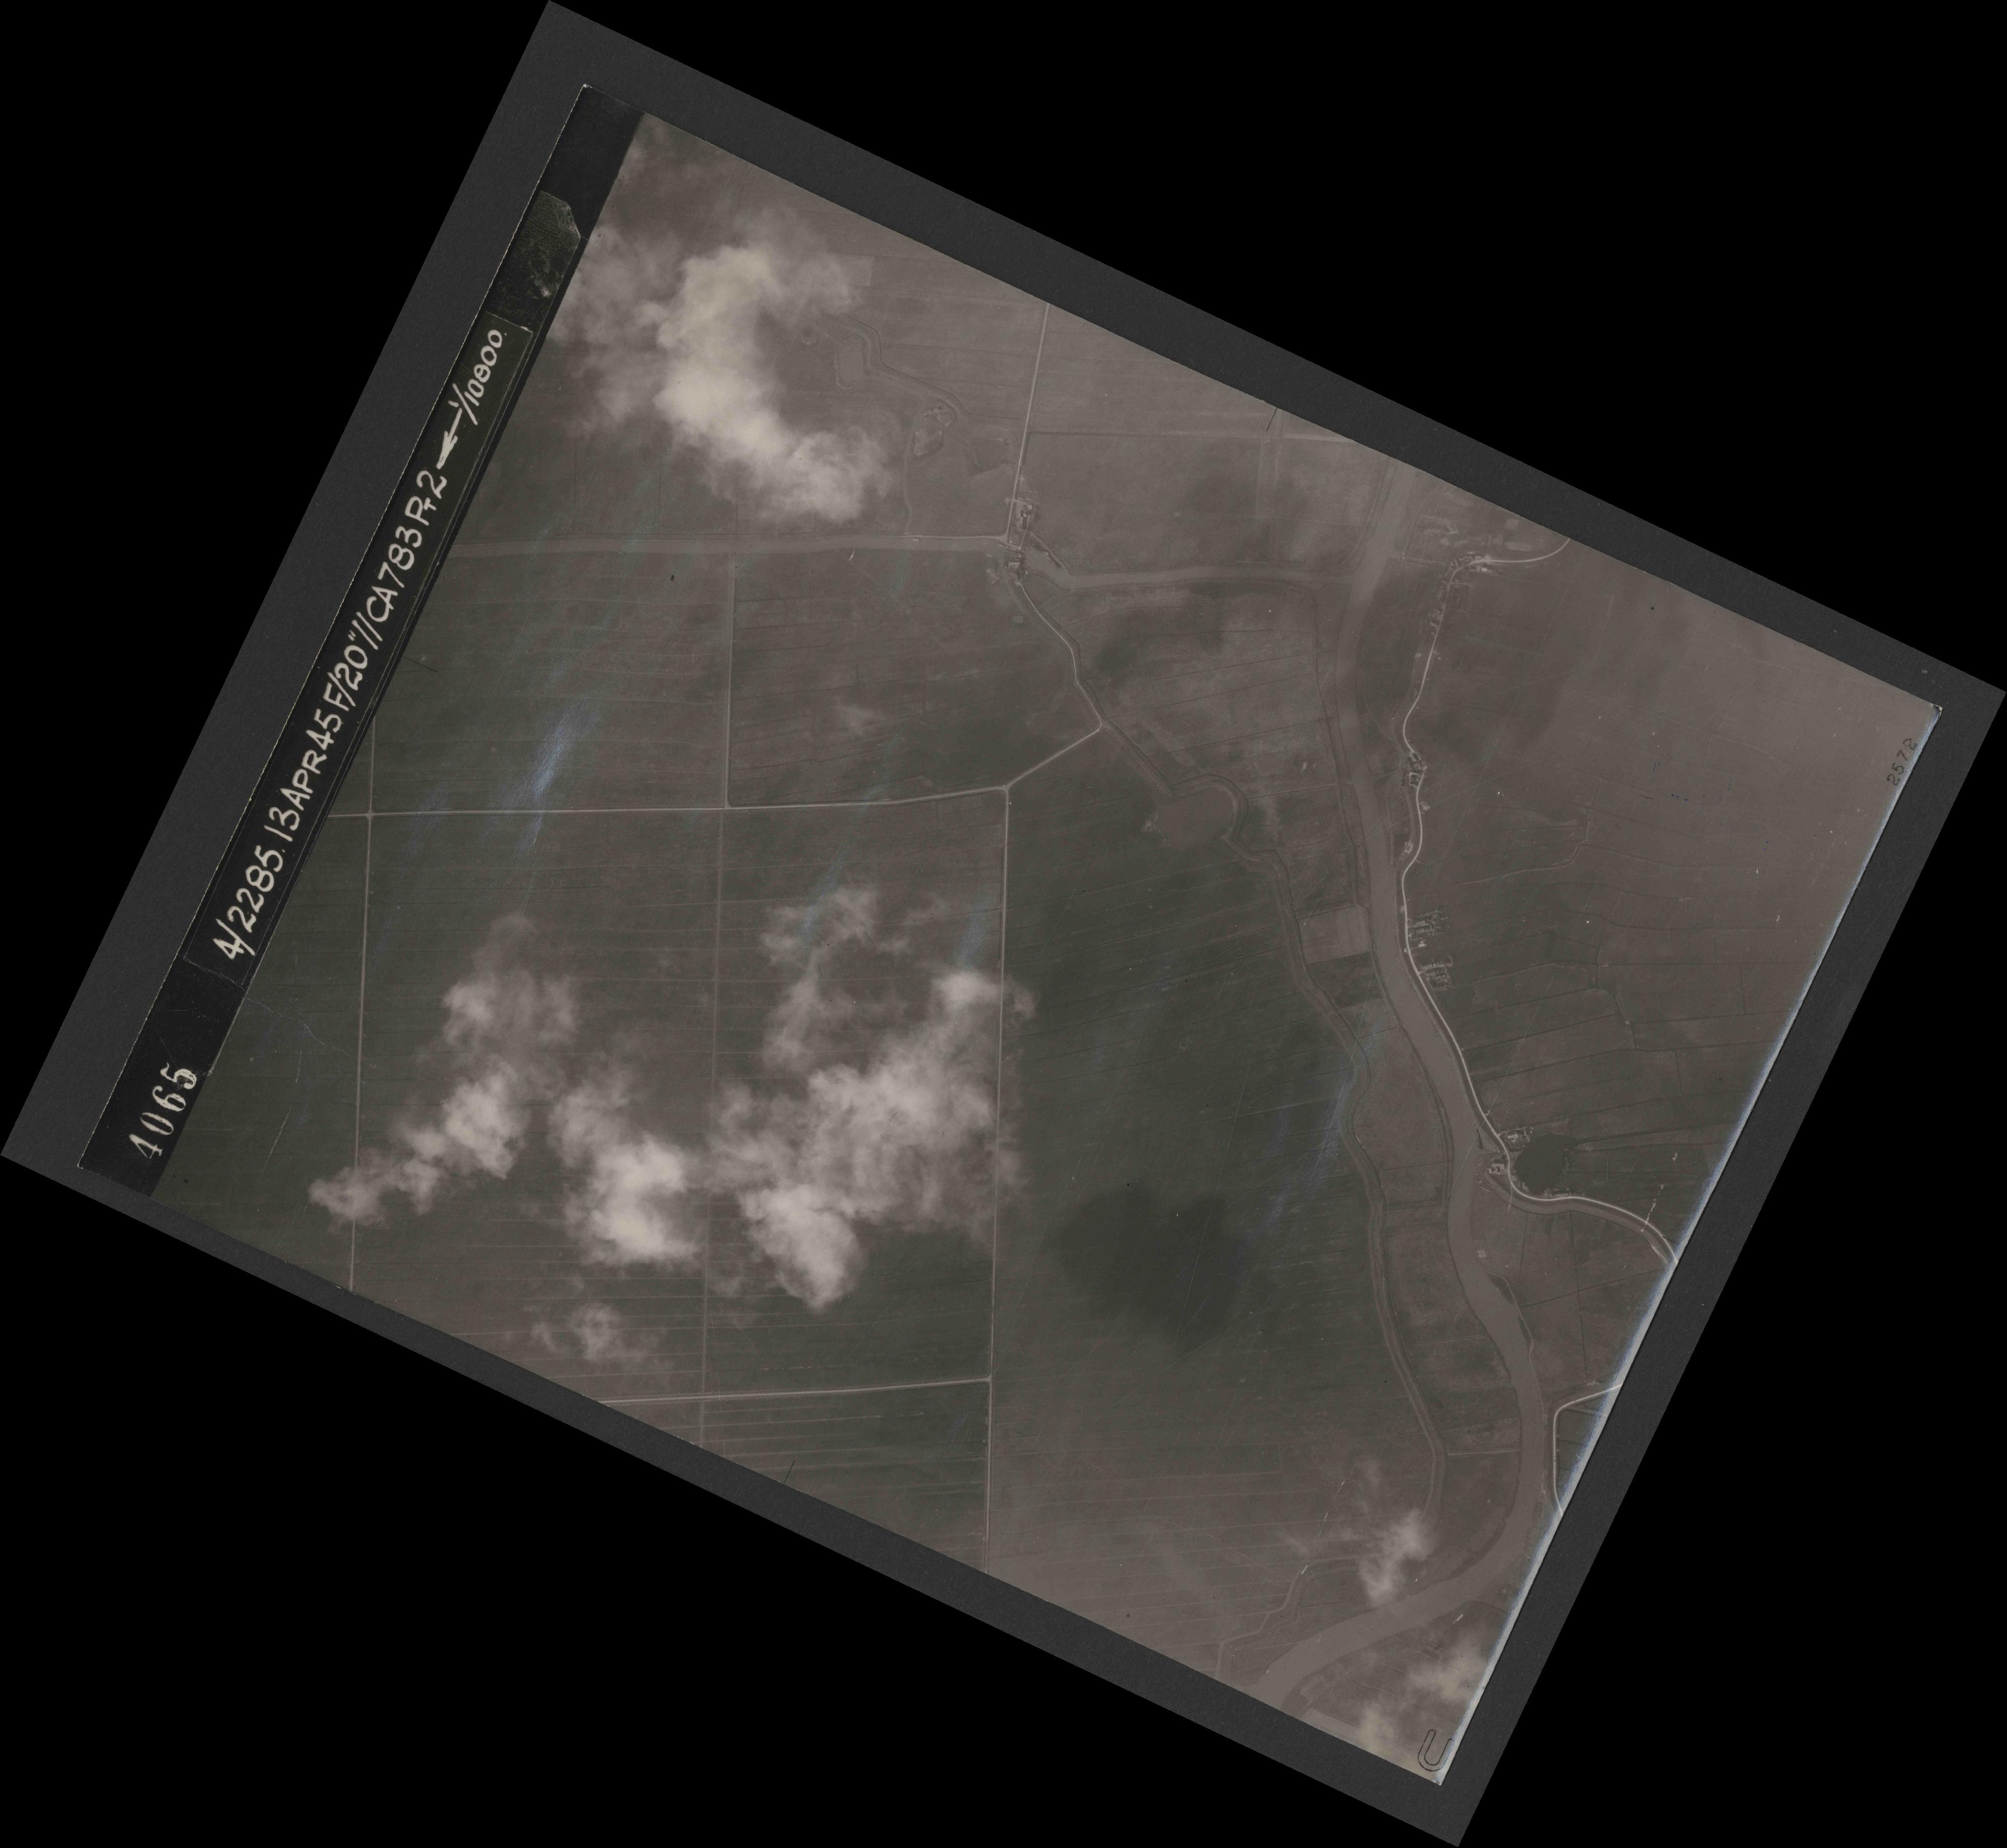 Collection RAF aerial photos 1940-1945 - flight 138, run 03, photo 4065